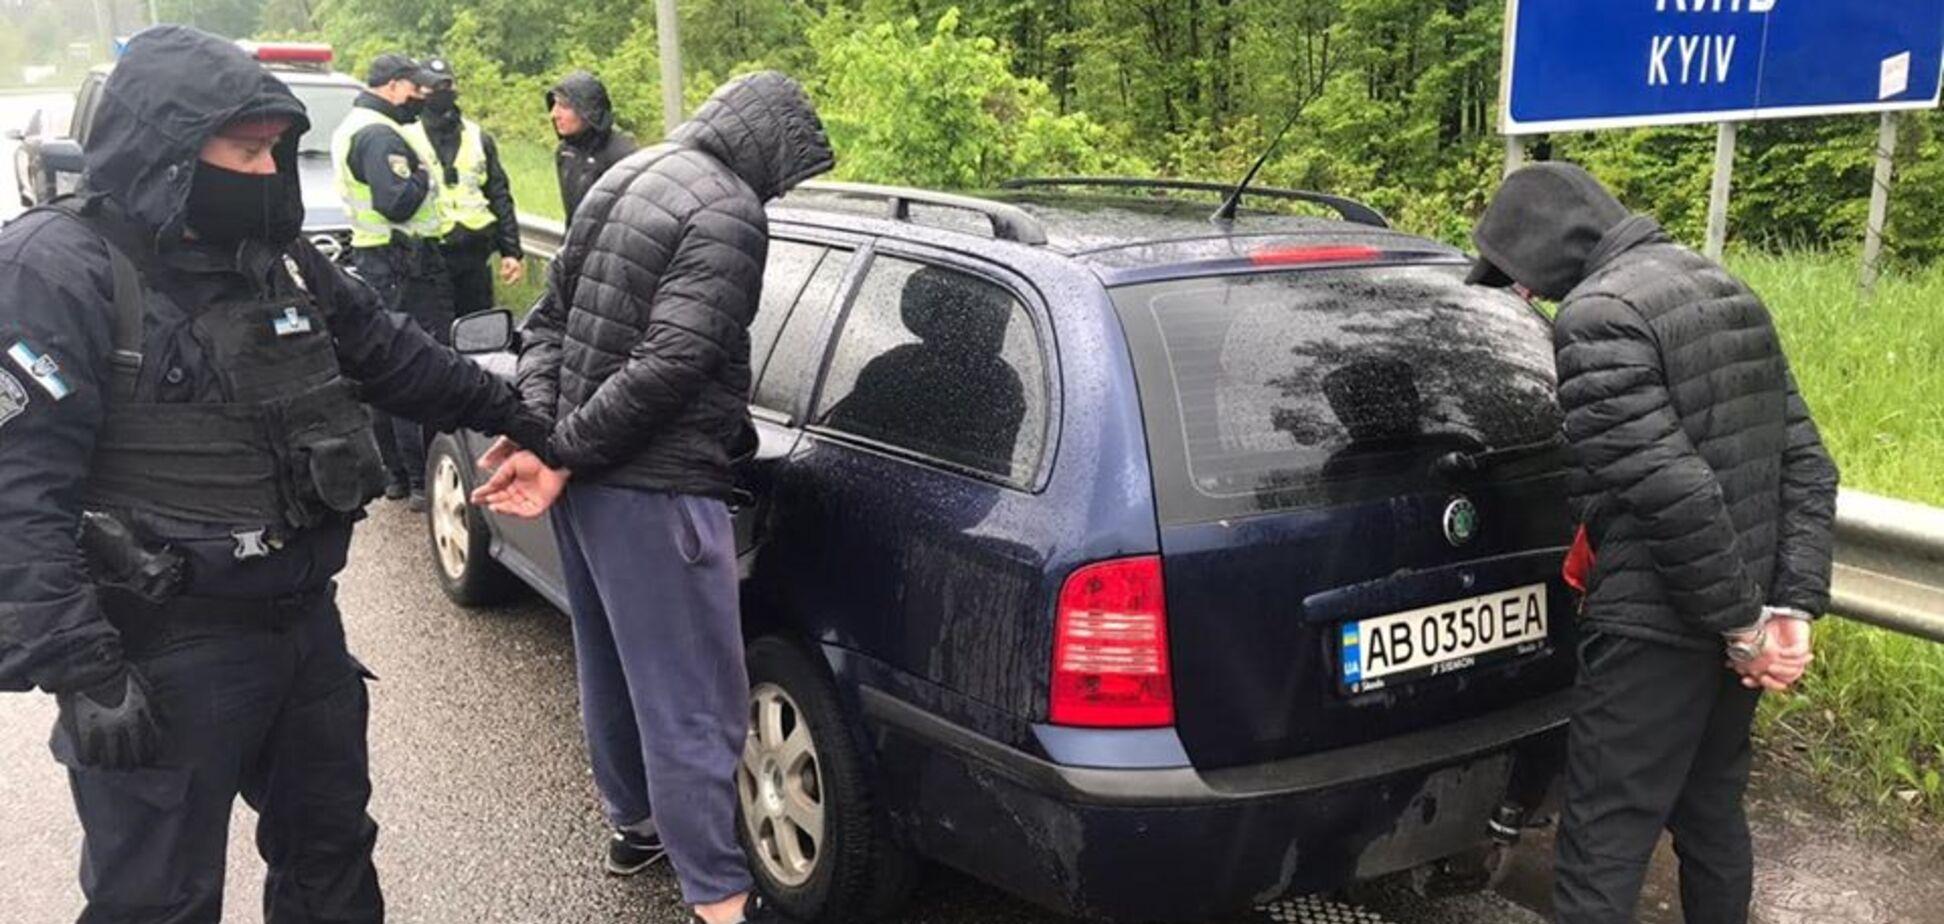 Перестрілка в Броварах: поліція затримала ще 5 учасників-втікачів. Фото